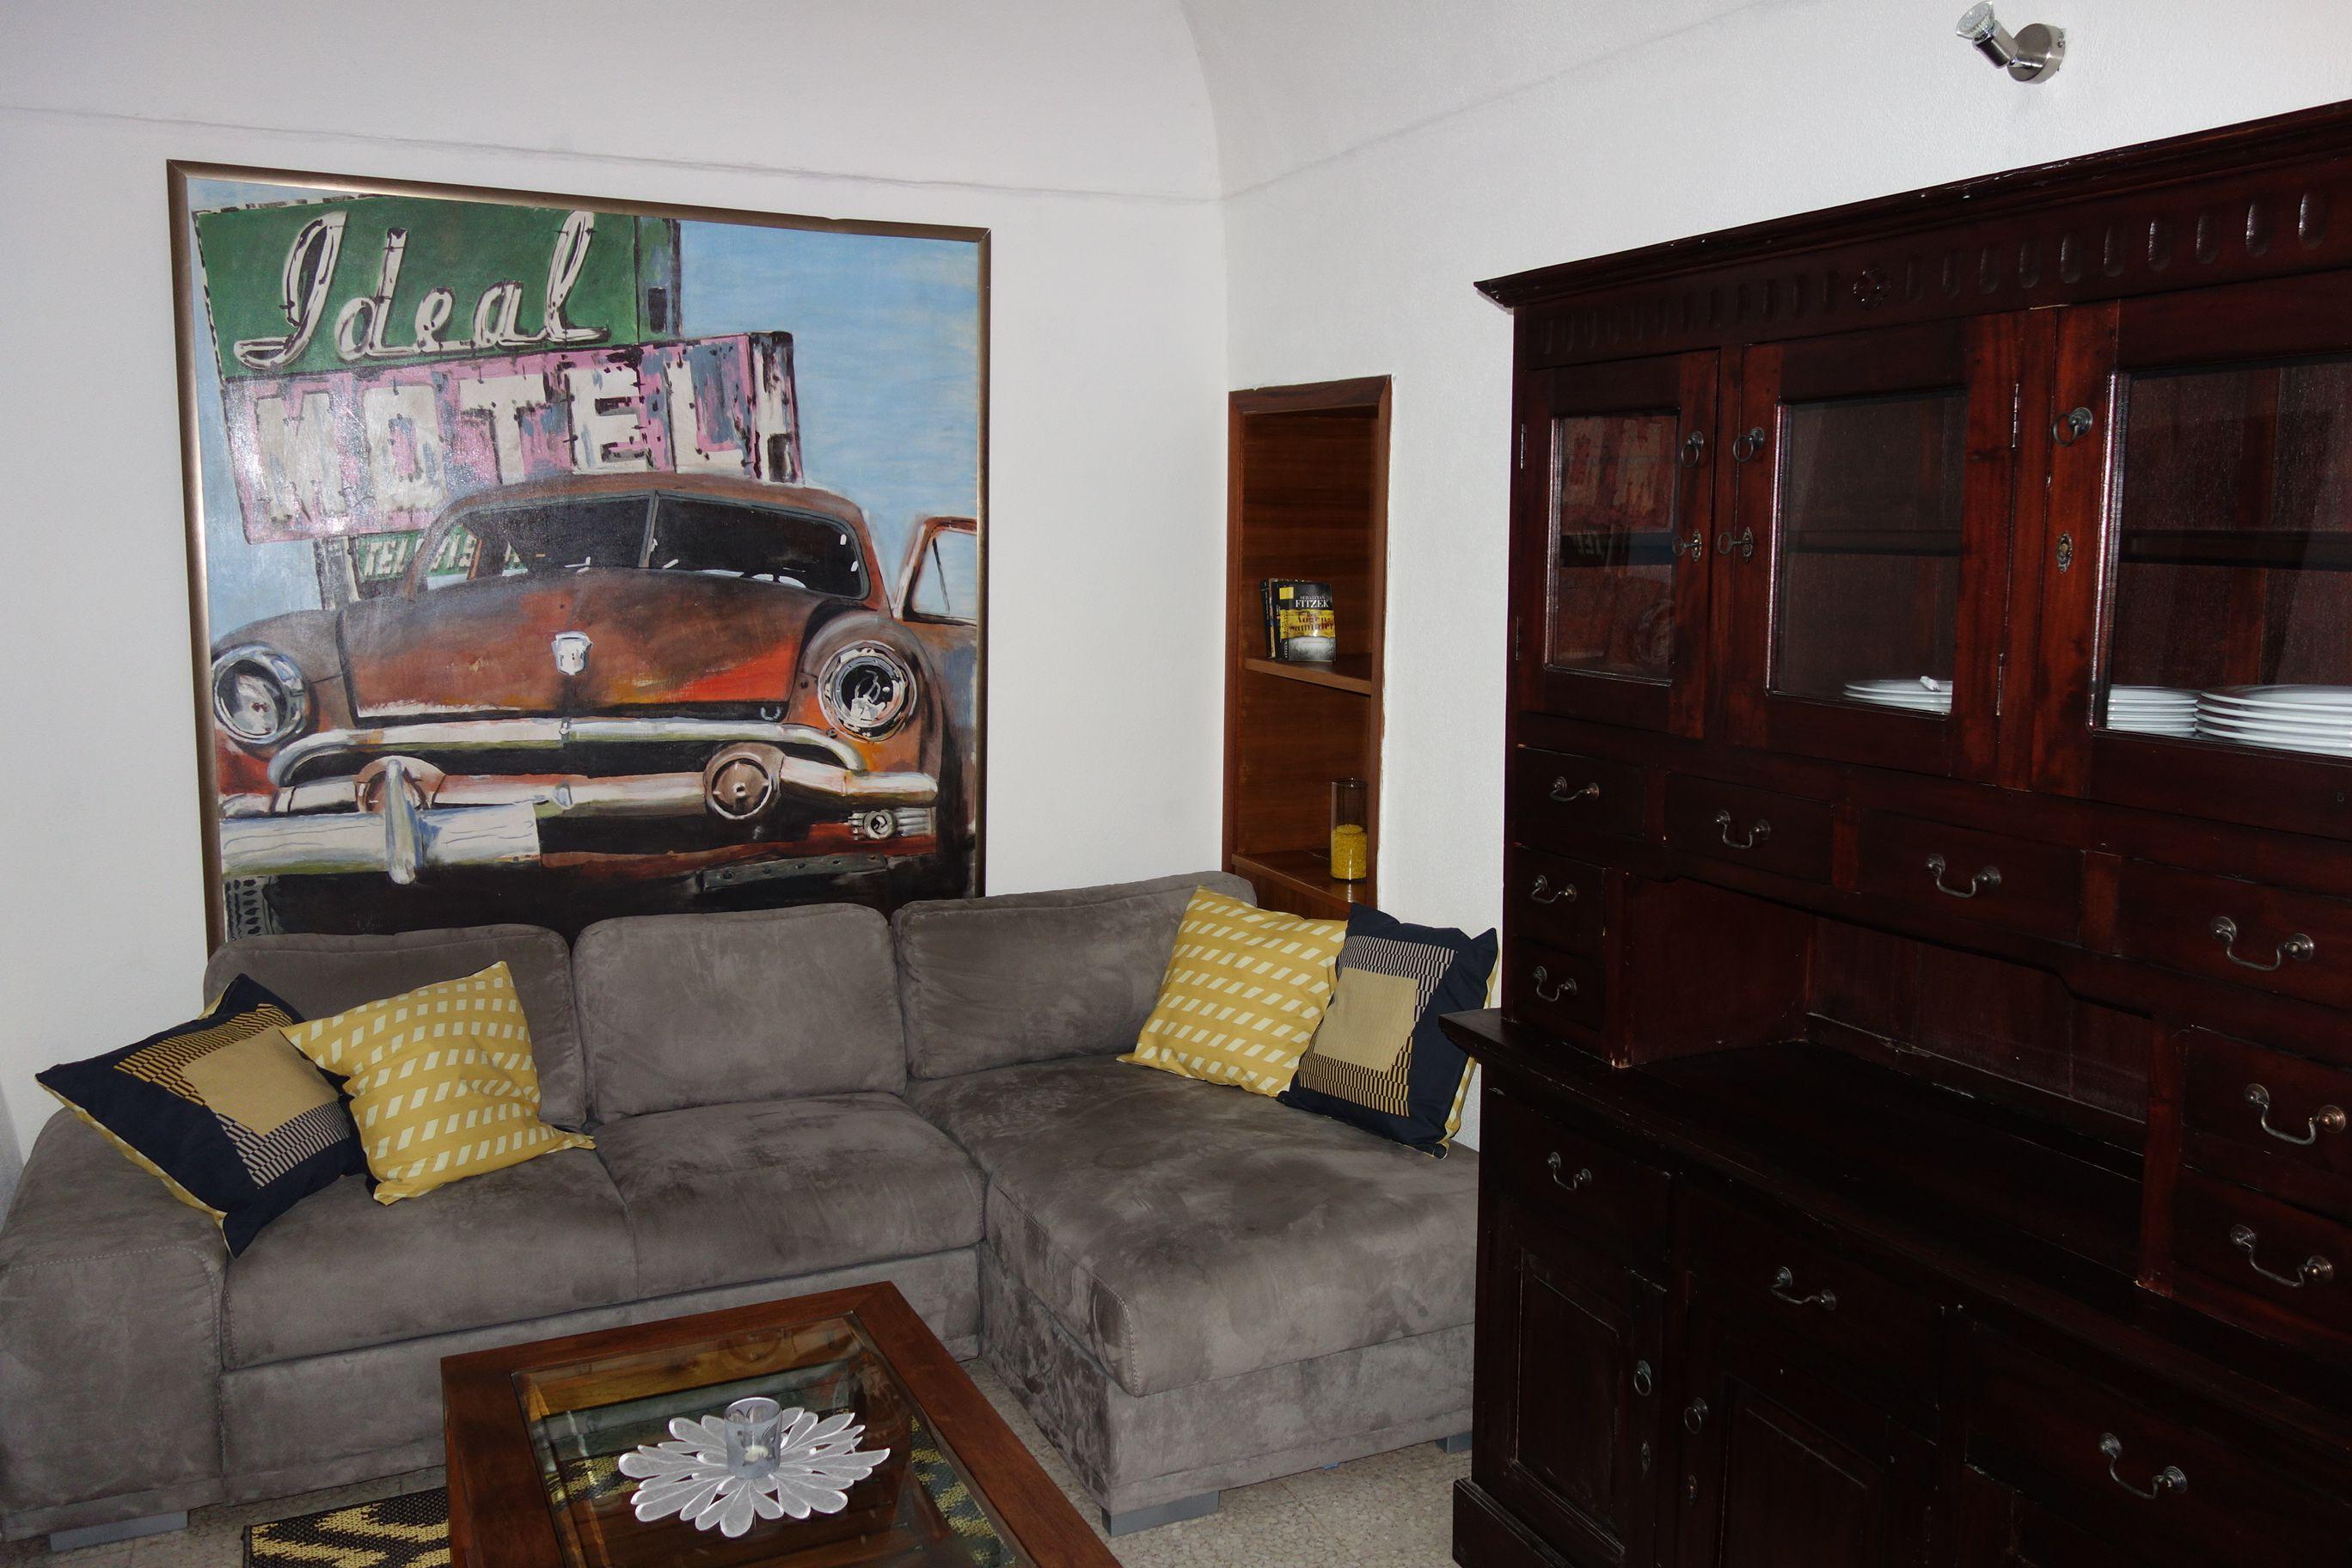 Wohn- und Arbeitszimmer Living and working room Salon et étude ...